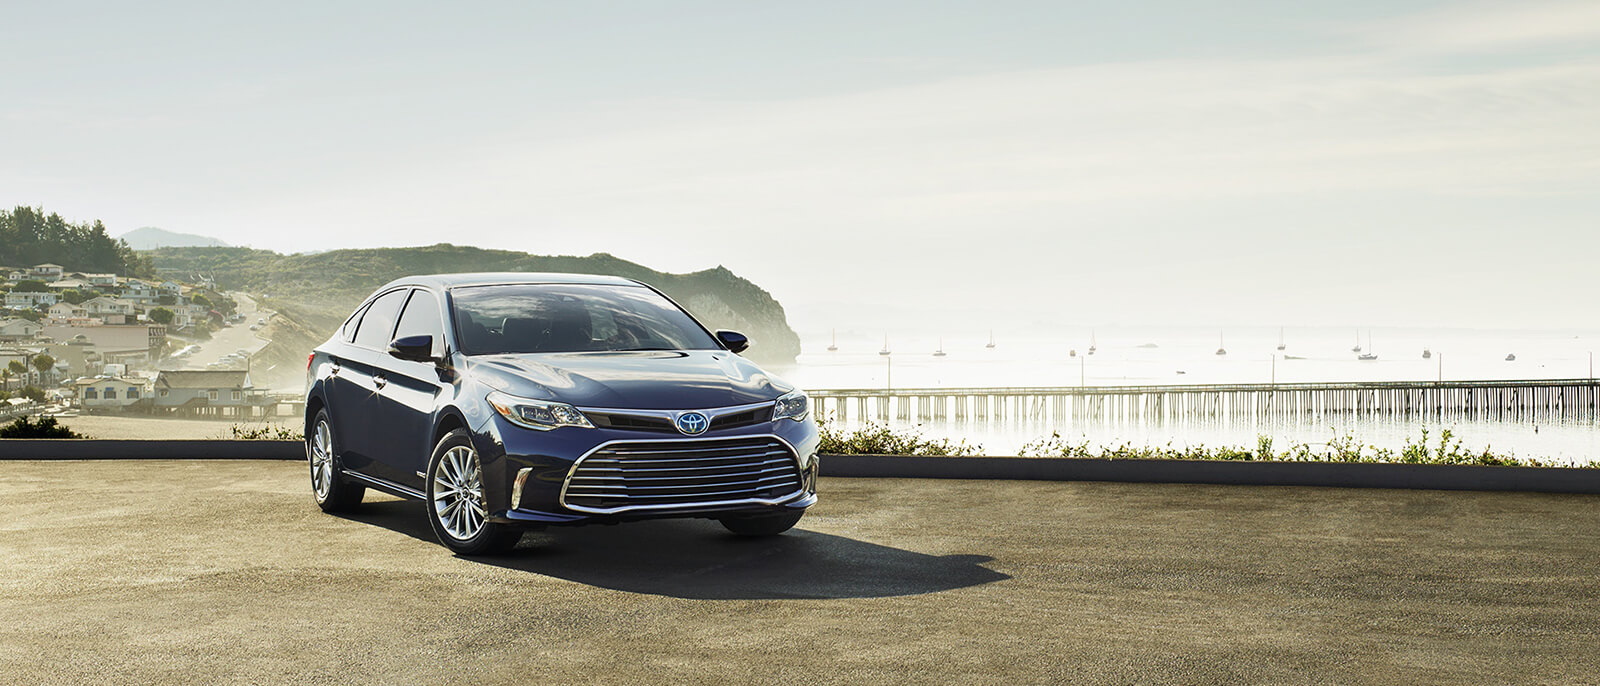 2016 Toyota Avalon Parked